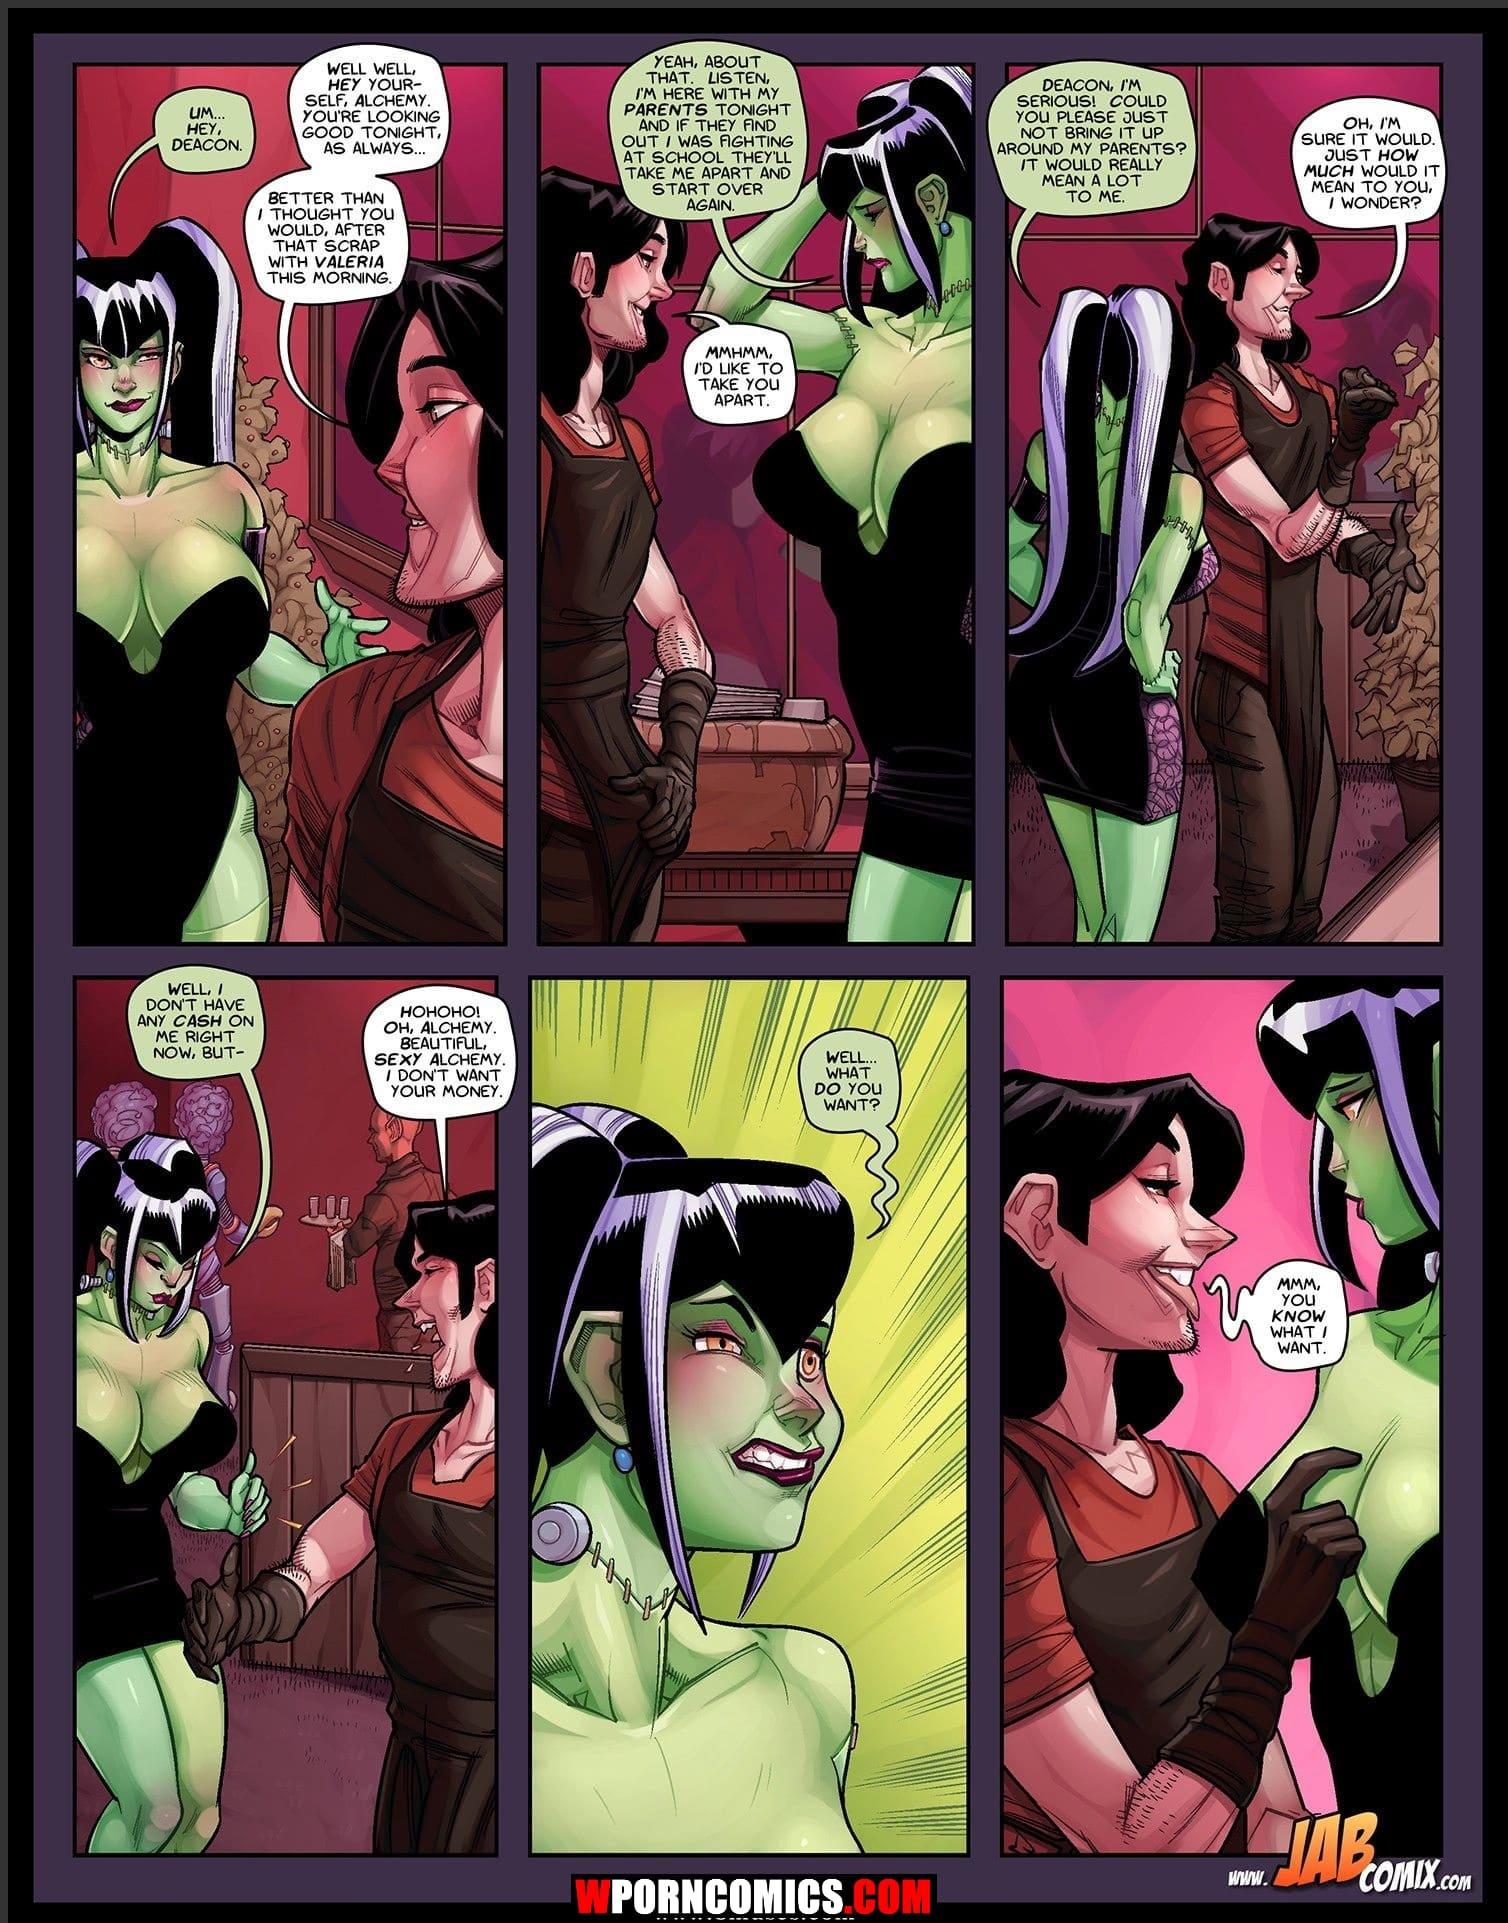 porn-comic-the-creepies-part-3-2020-02-14/porn-comic-the-creepies-part-3-2020-02-14-12019.jpg